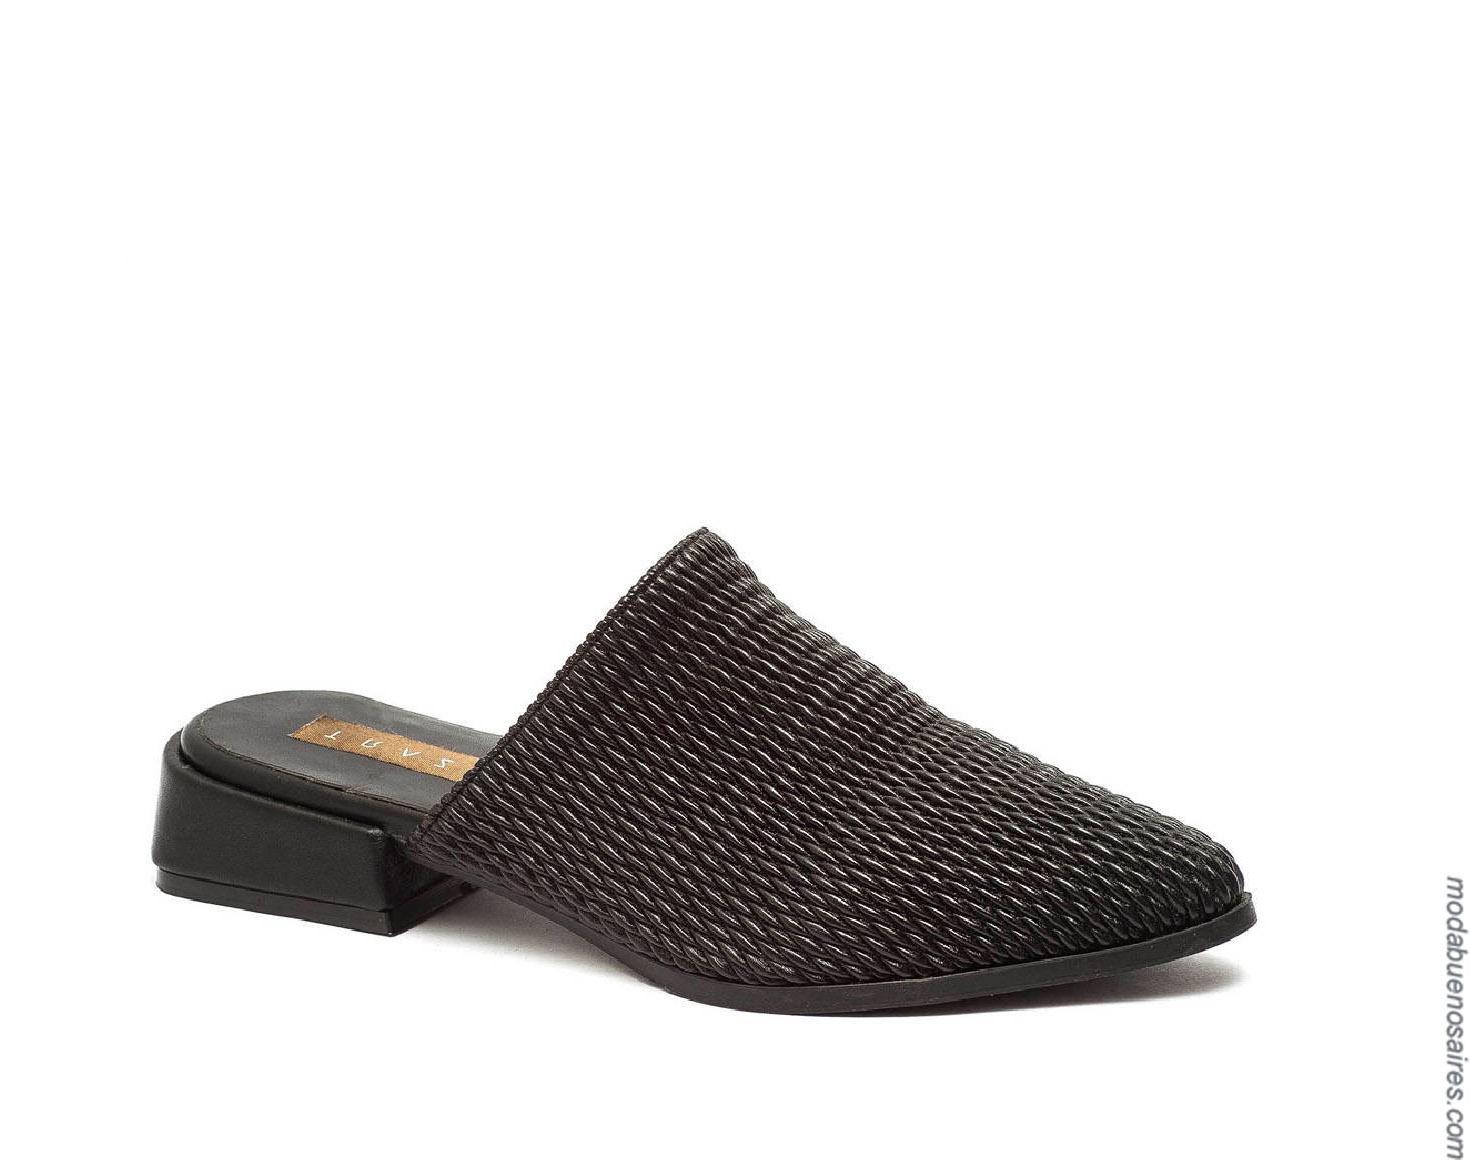 Moda sandalias bajas primavera verano 2020.